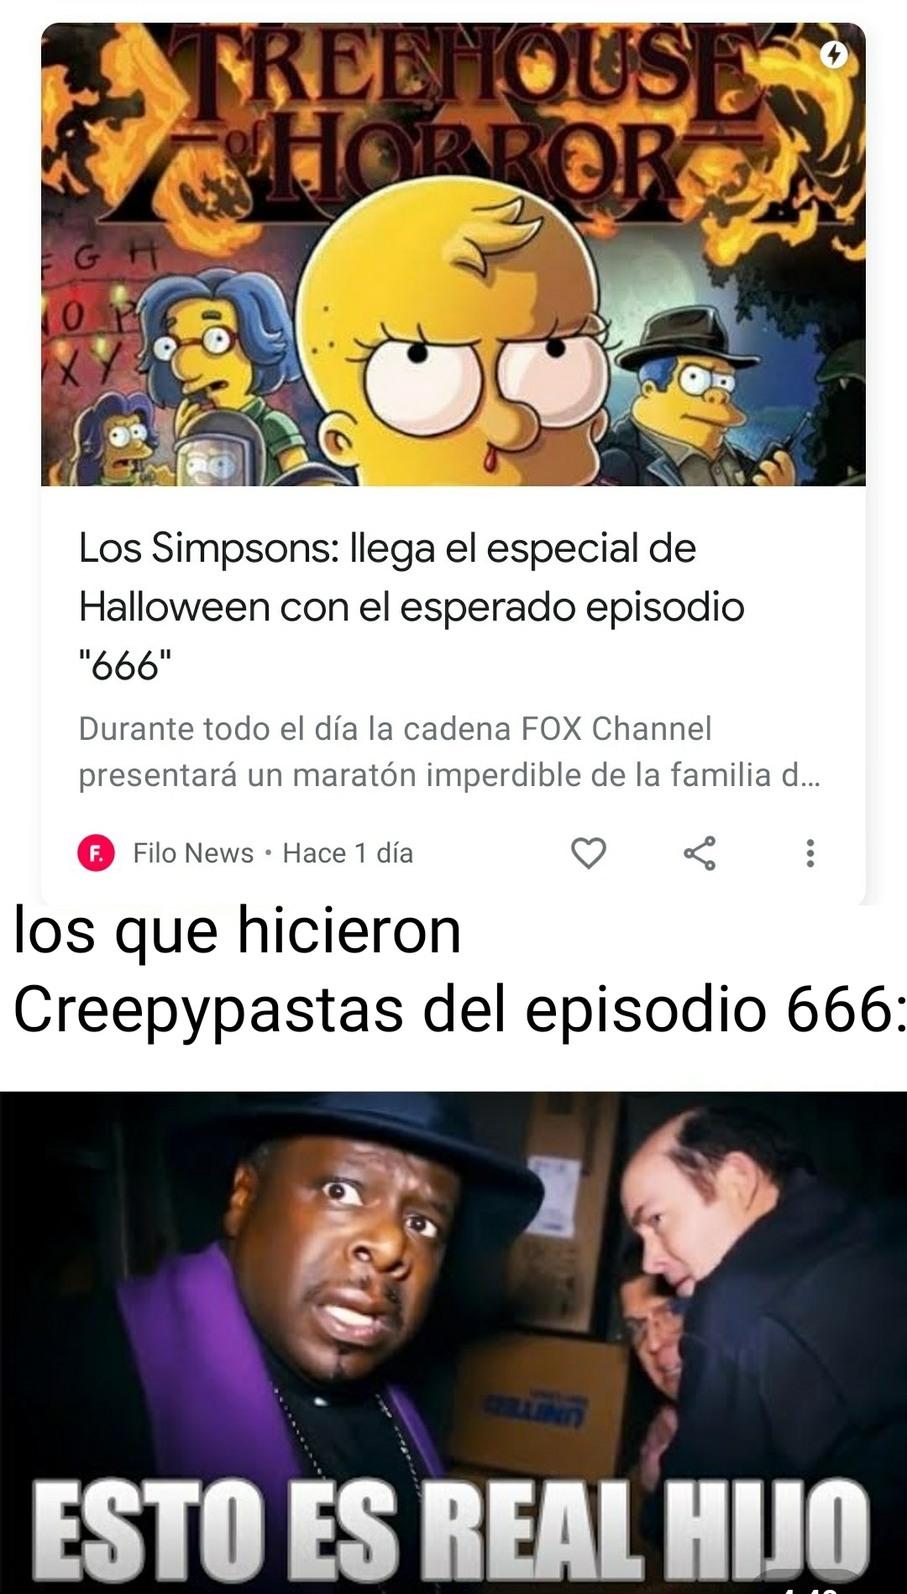 Episodio 666 - meme